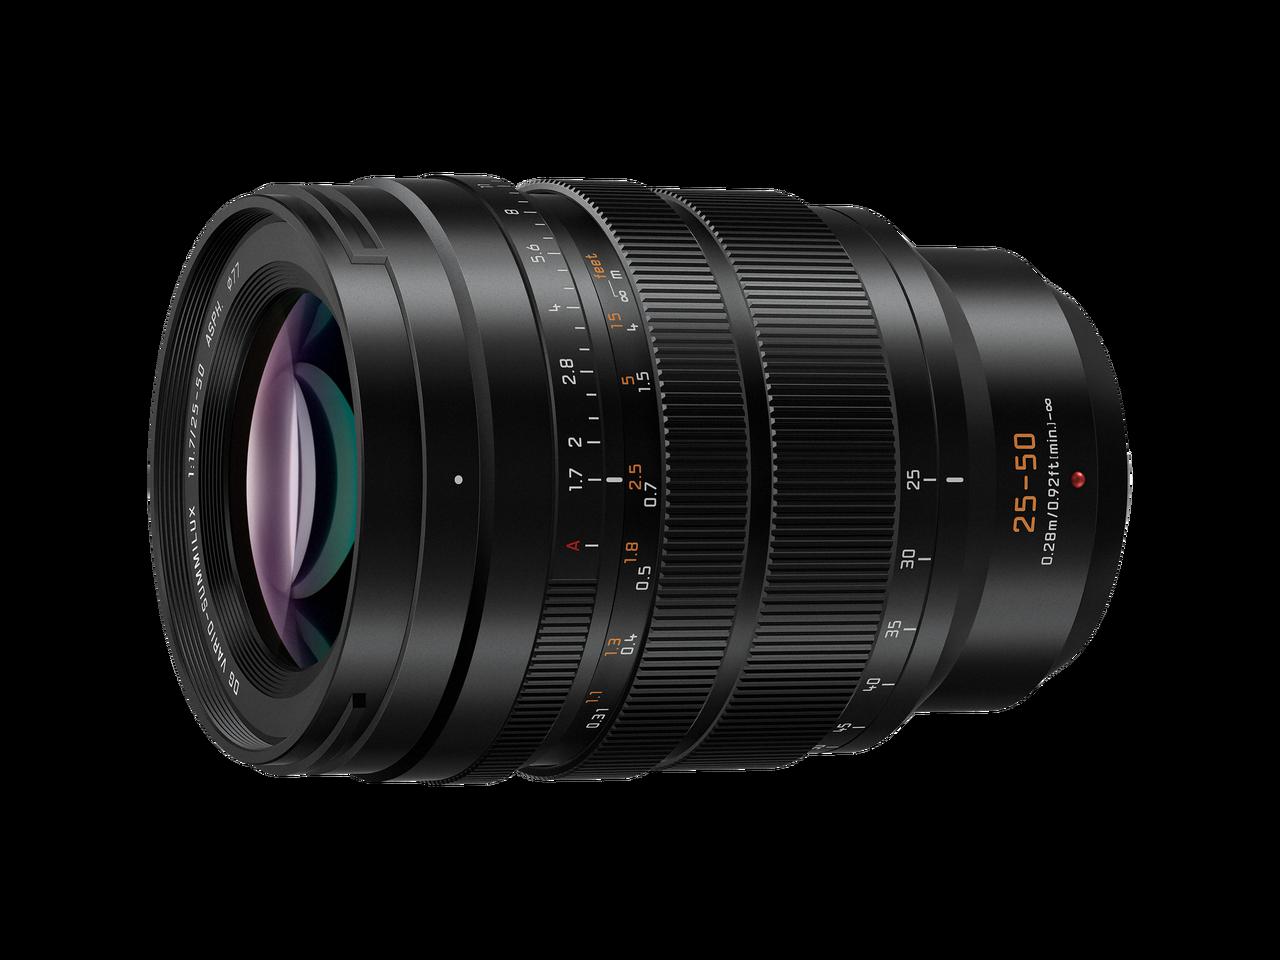 LEICA DG VARIO-SUMMILUX 25-50mm / F1.7 ASPH.の写真 1